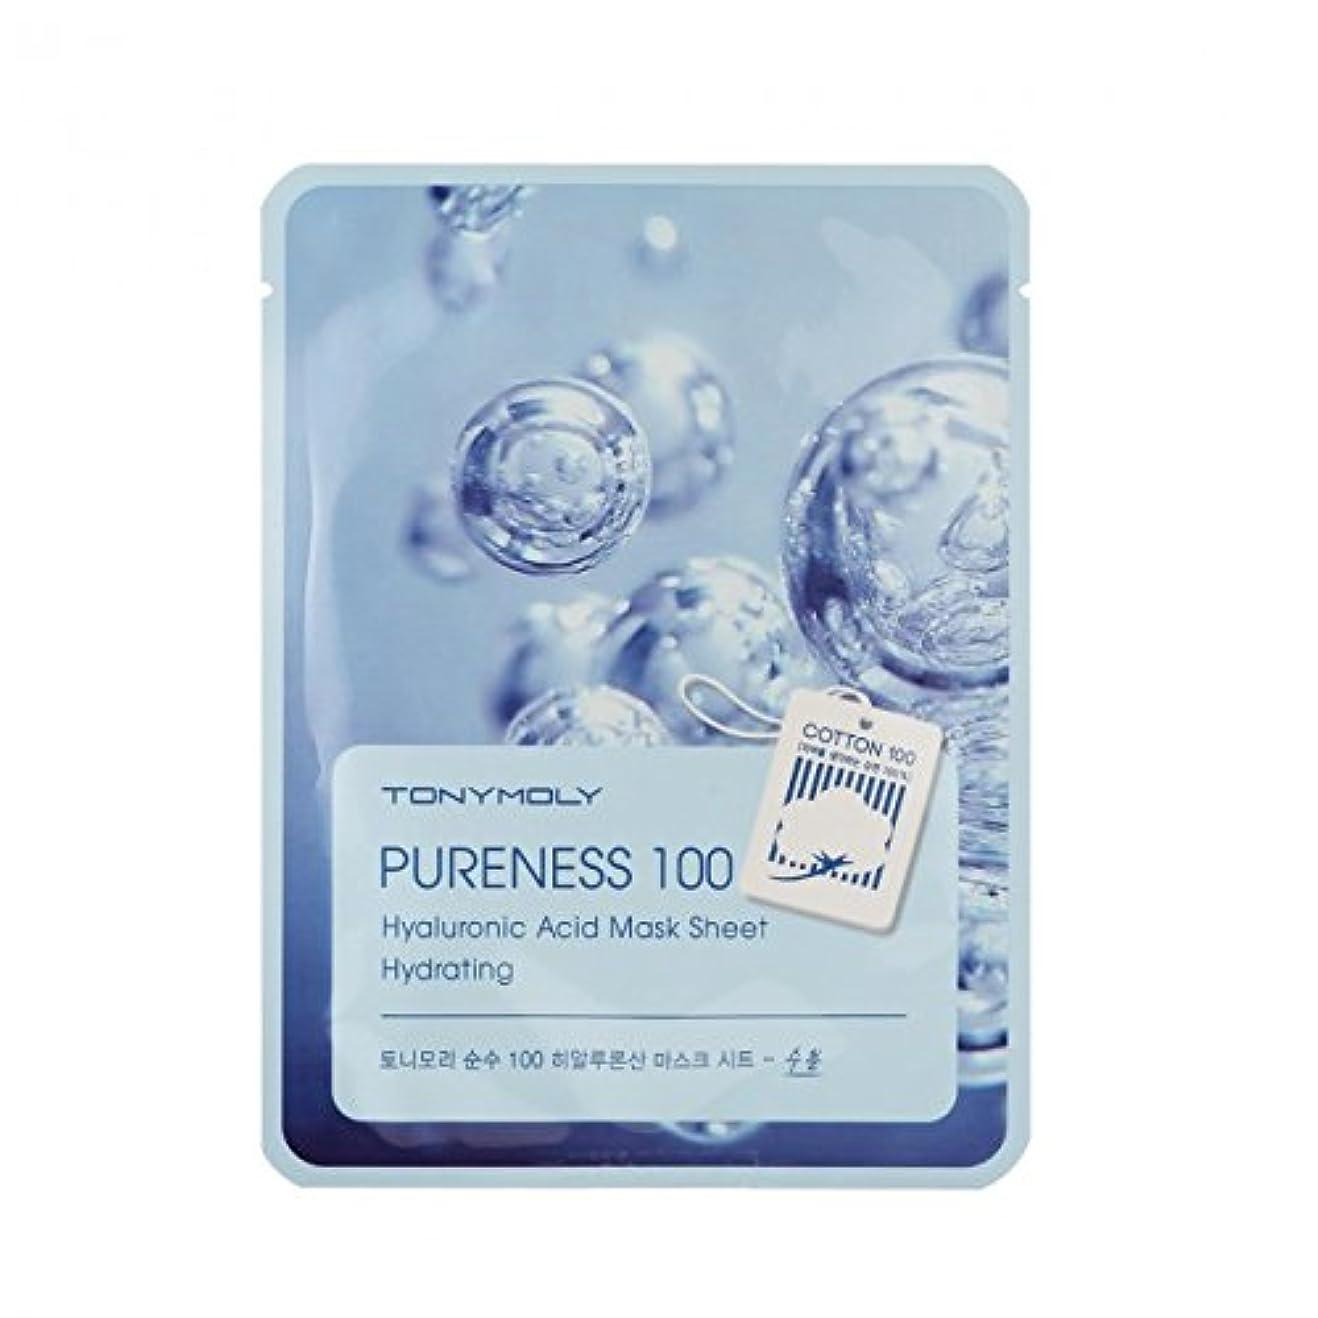 アンカーアーク申請者(6 Pack) TONYMOLY Pureness 100 Hyaluronic Acid Mask Sheet Hydrating (並行輸入品)